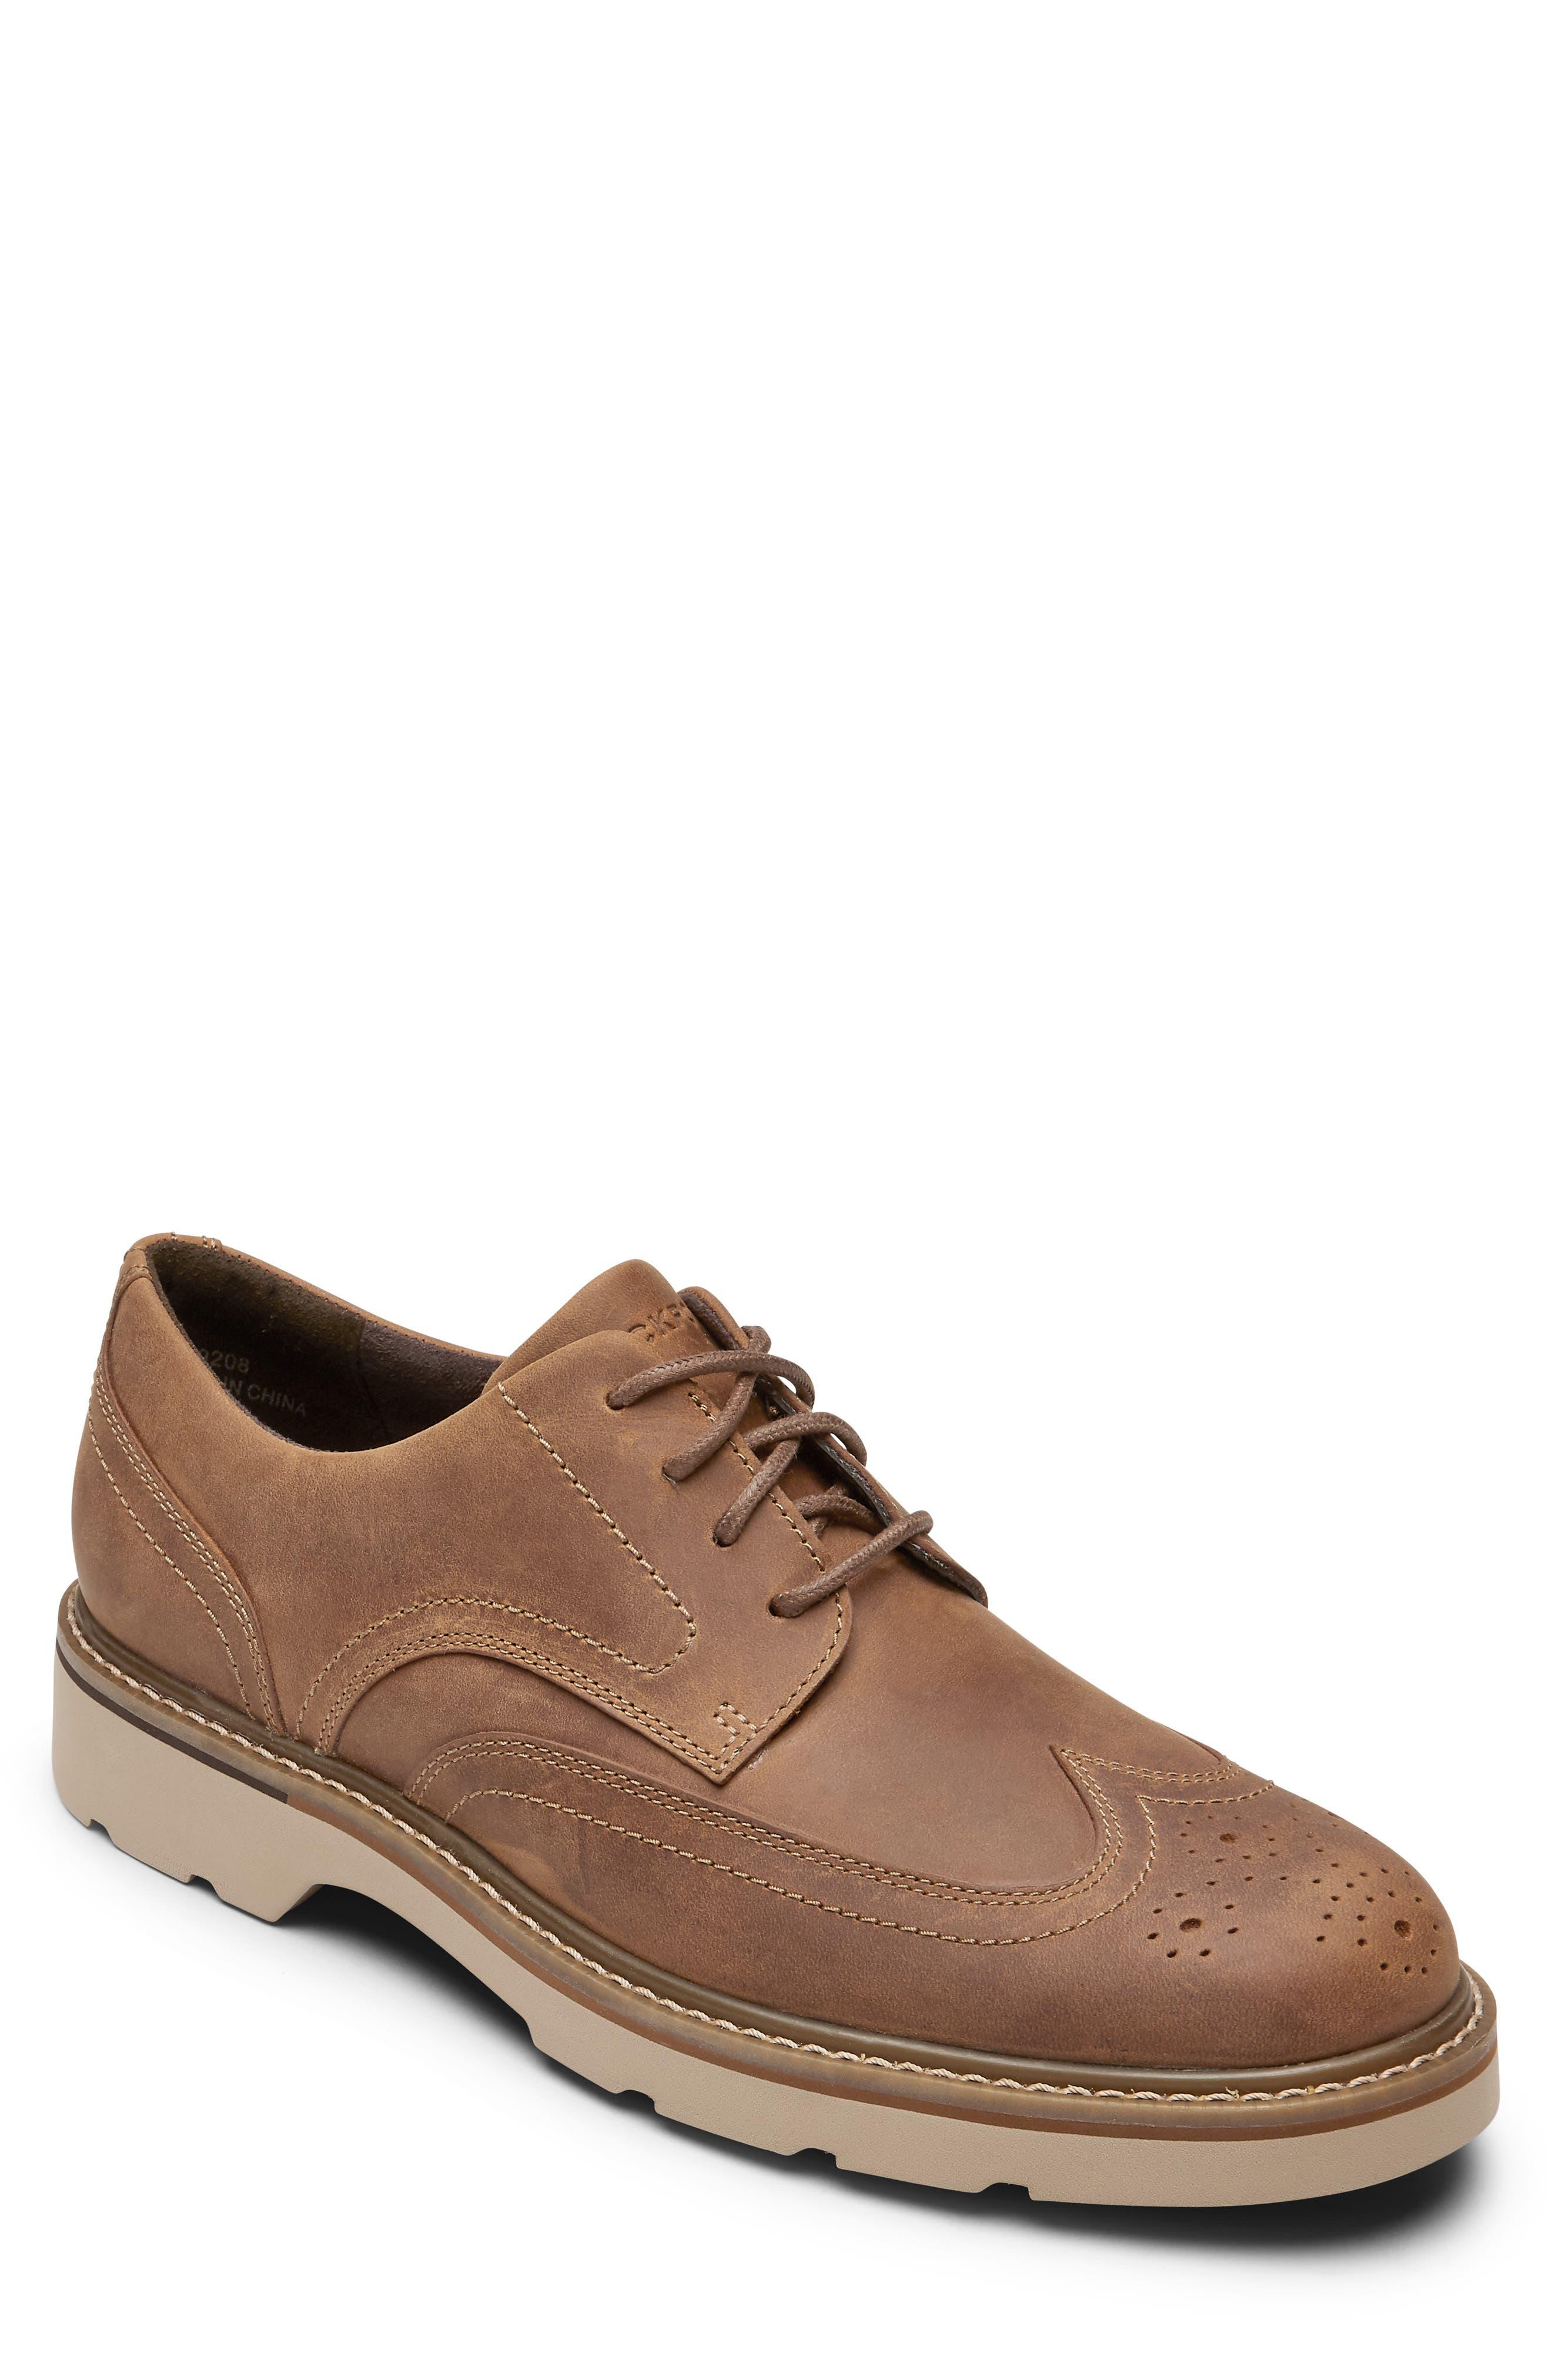 Men's Rockport Oxfords \u0026 Derby Shoes